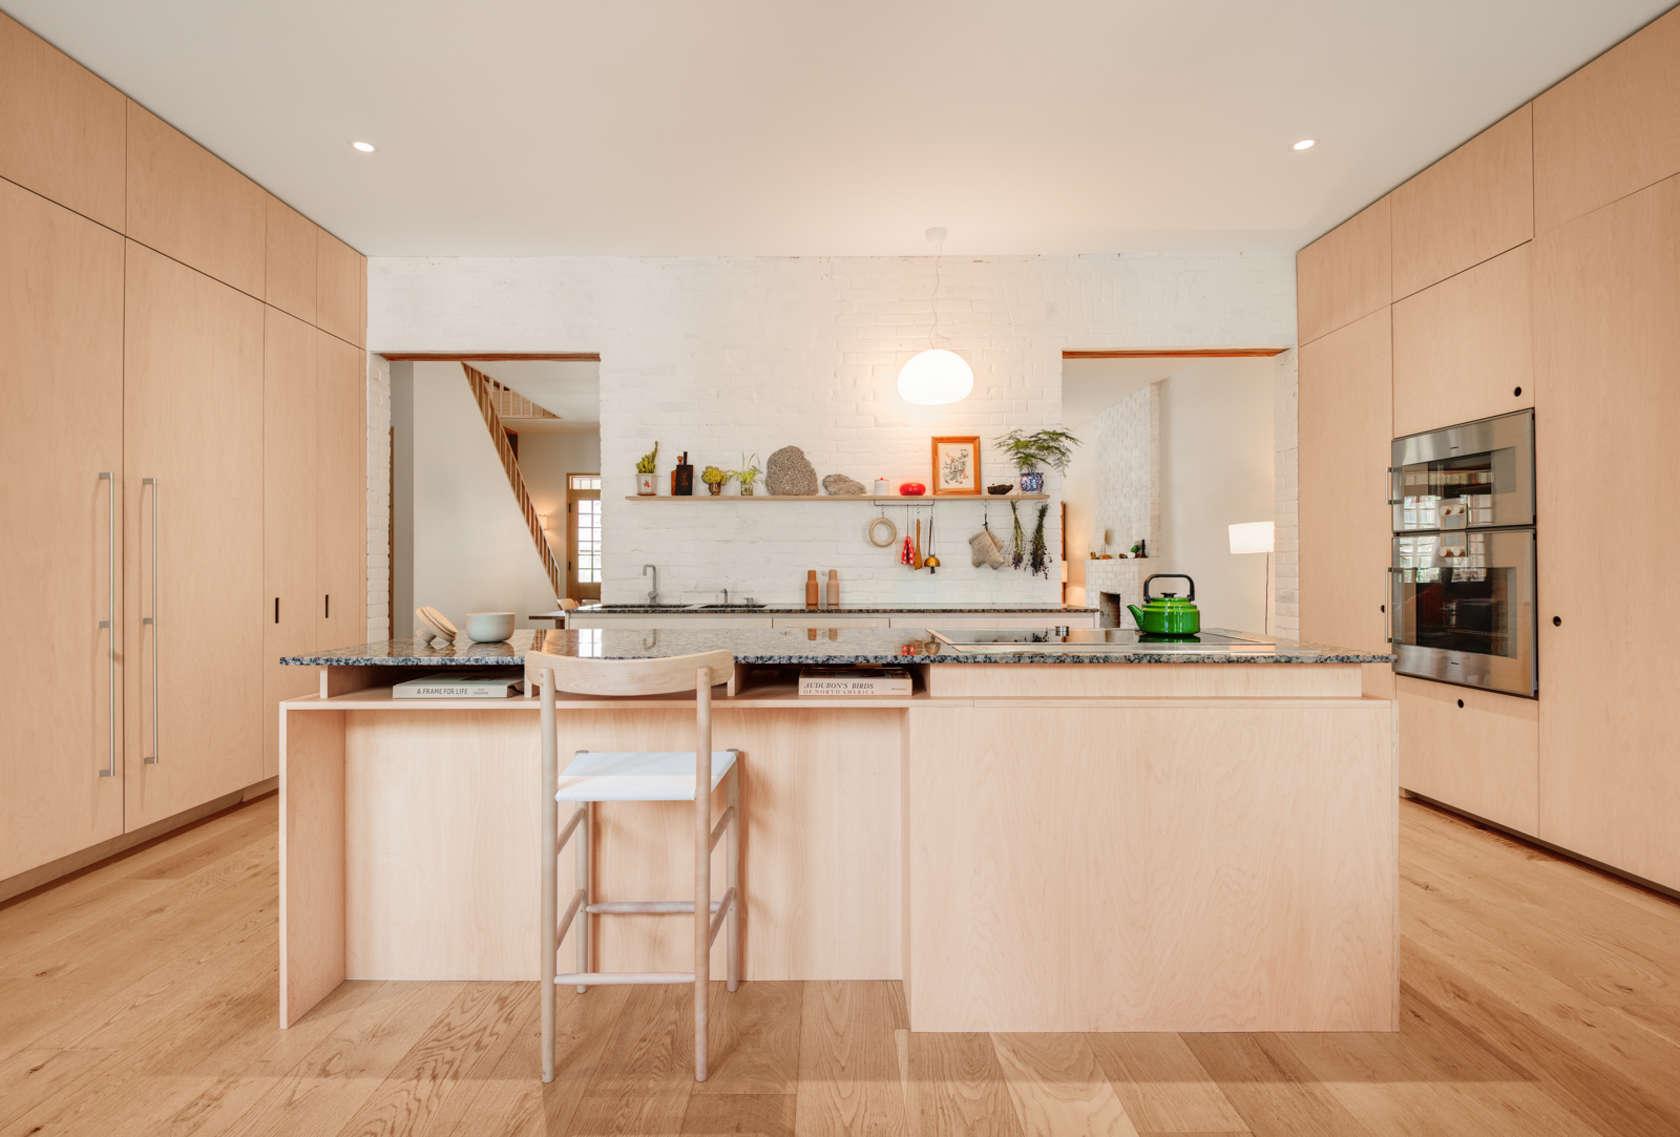 4-casa-no-canada-recebe-reforma-para-integrar-as-areas-comuns-cozinha